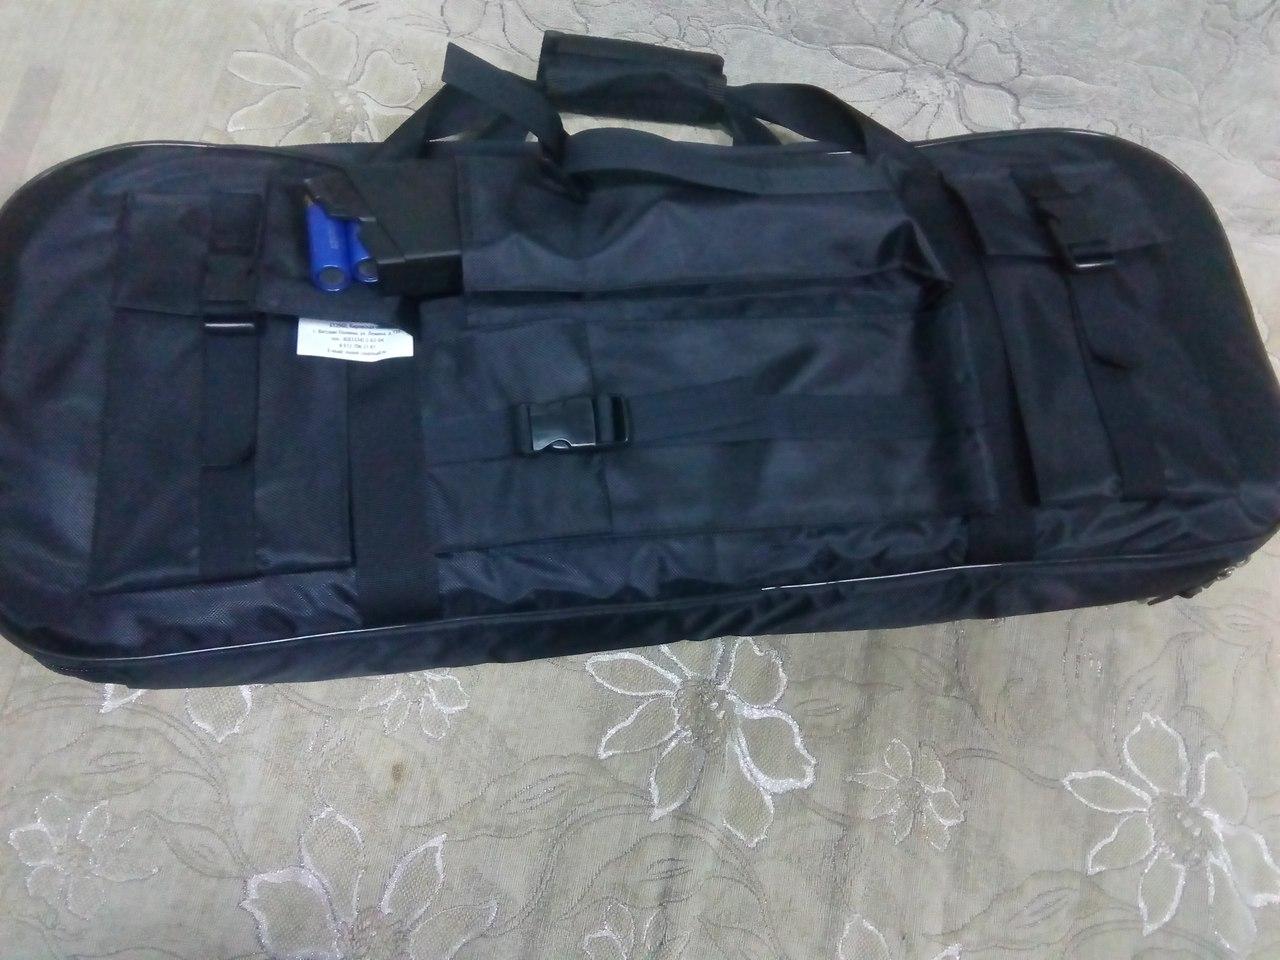 чехол для ружья, оружейный кейс